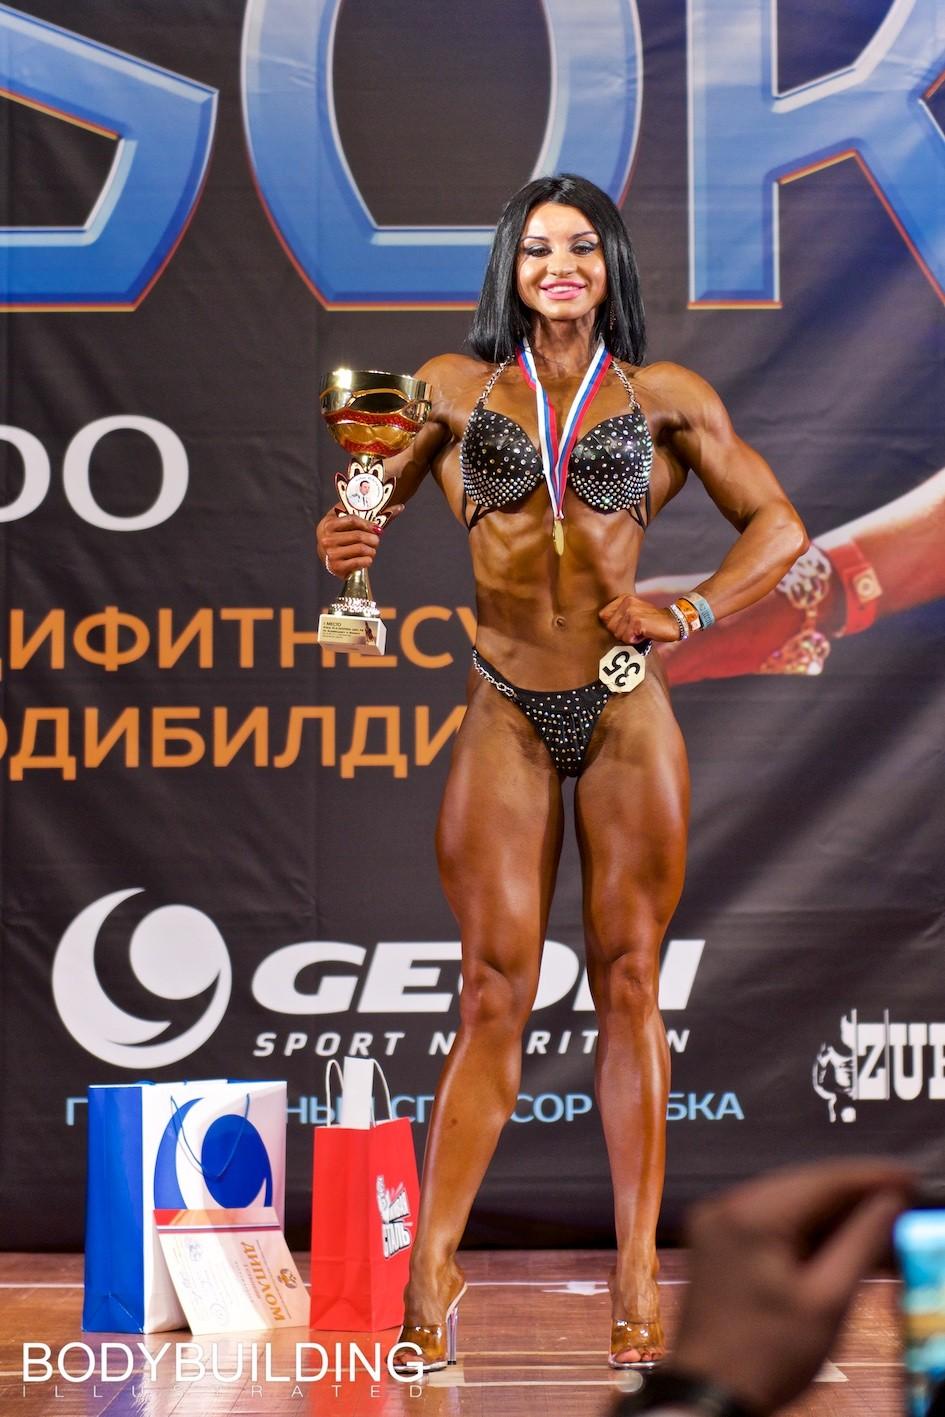 Результаты первого дня Кубка Московской области по бодибилдингу 2019